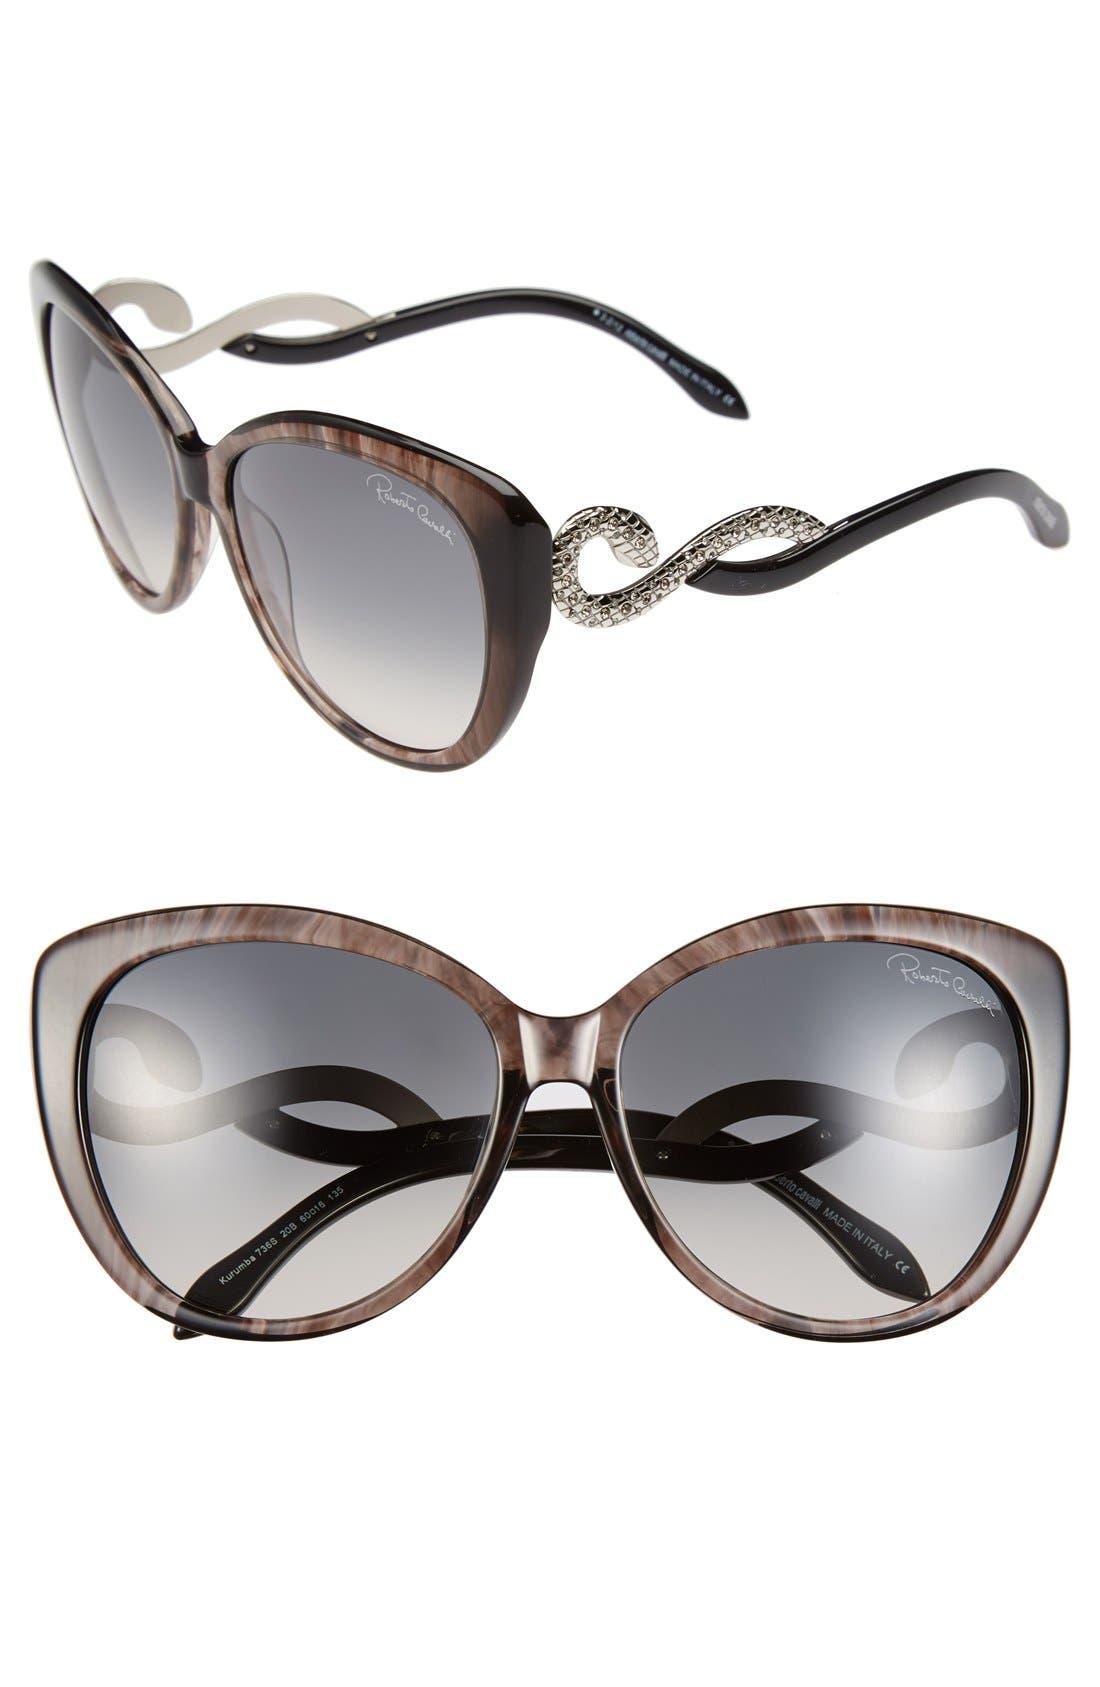 Main Image - Roberto Cavalli 'Kurumba' 60mm Oversized Sunglasses